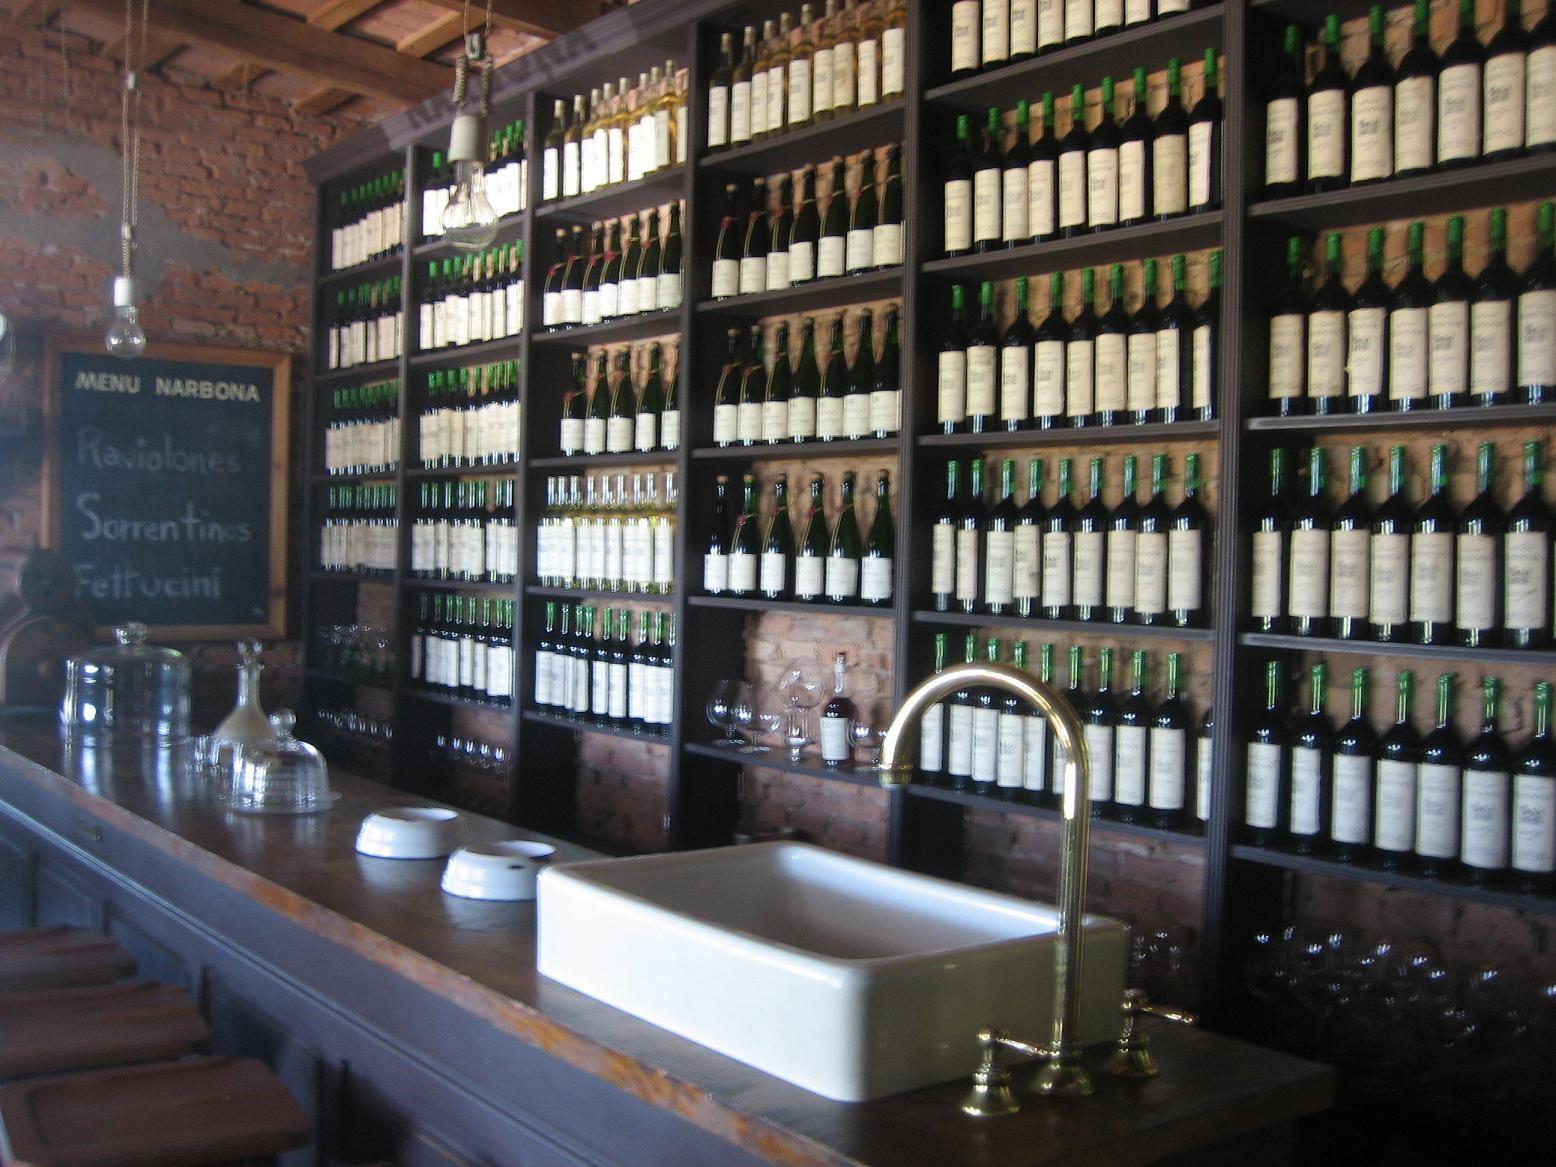 wine-bar | wines | Pinterest | Wein